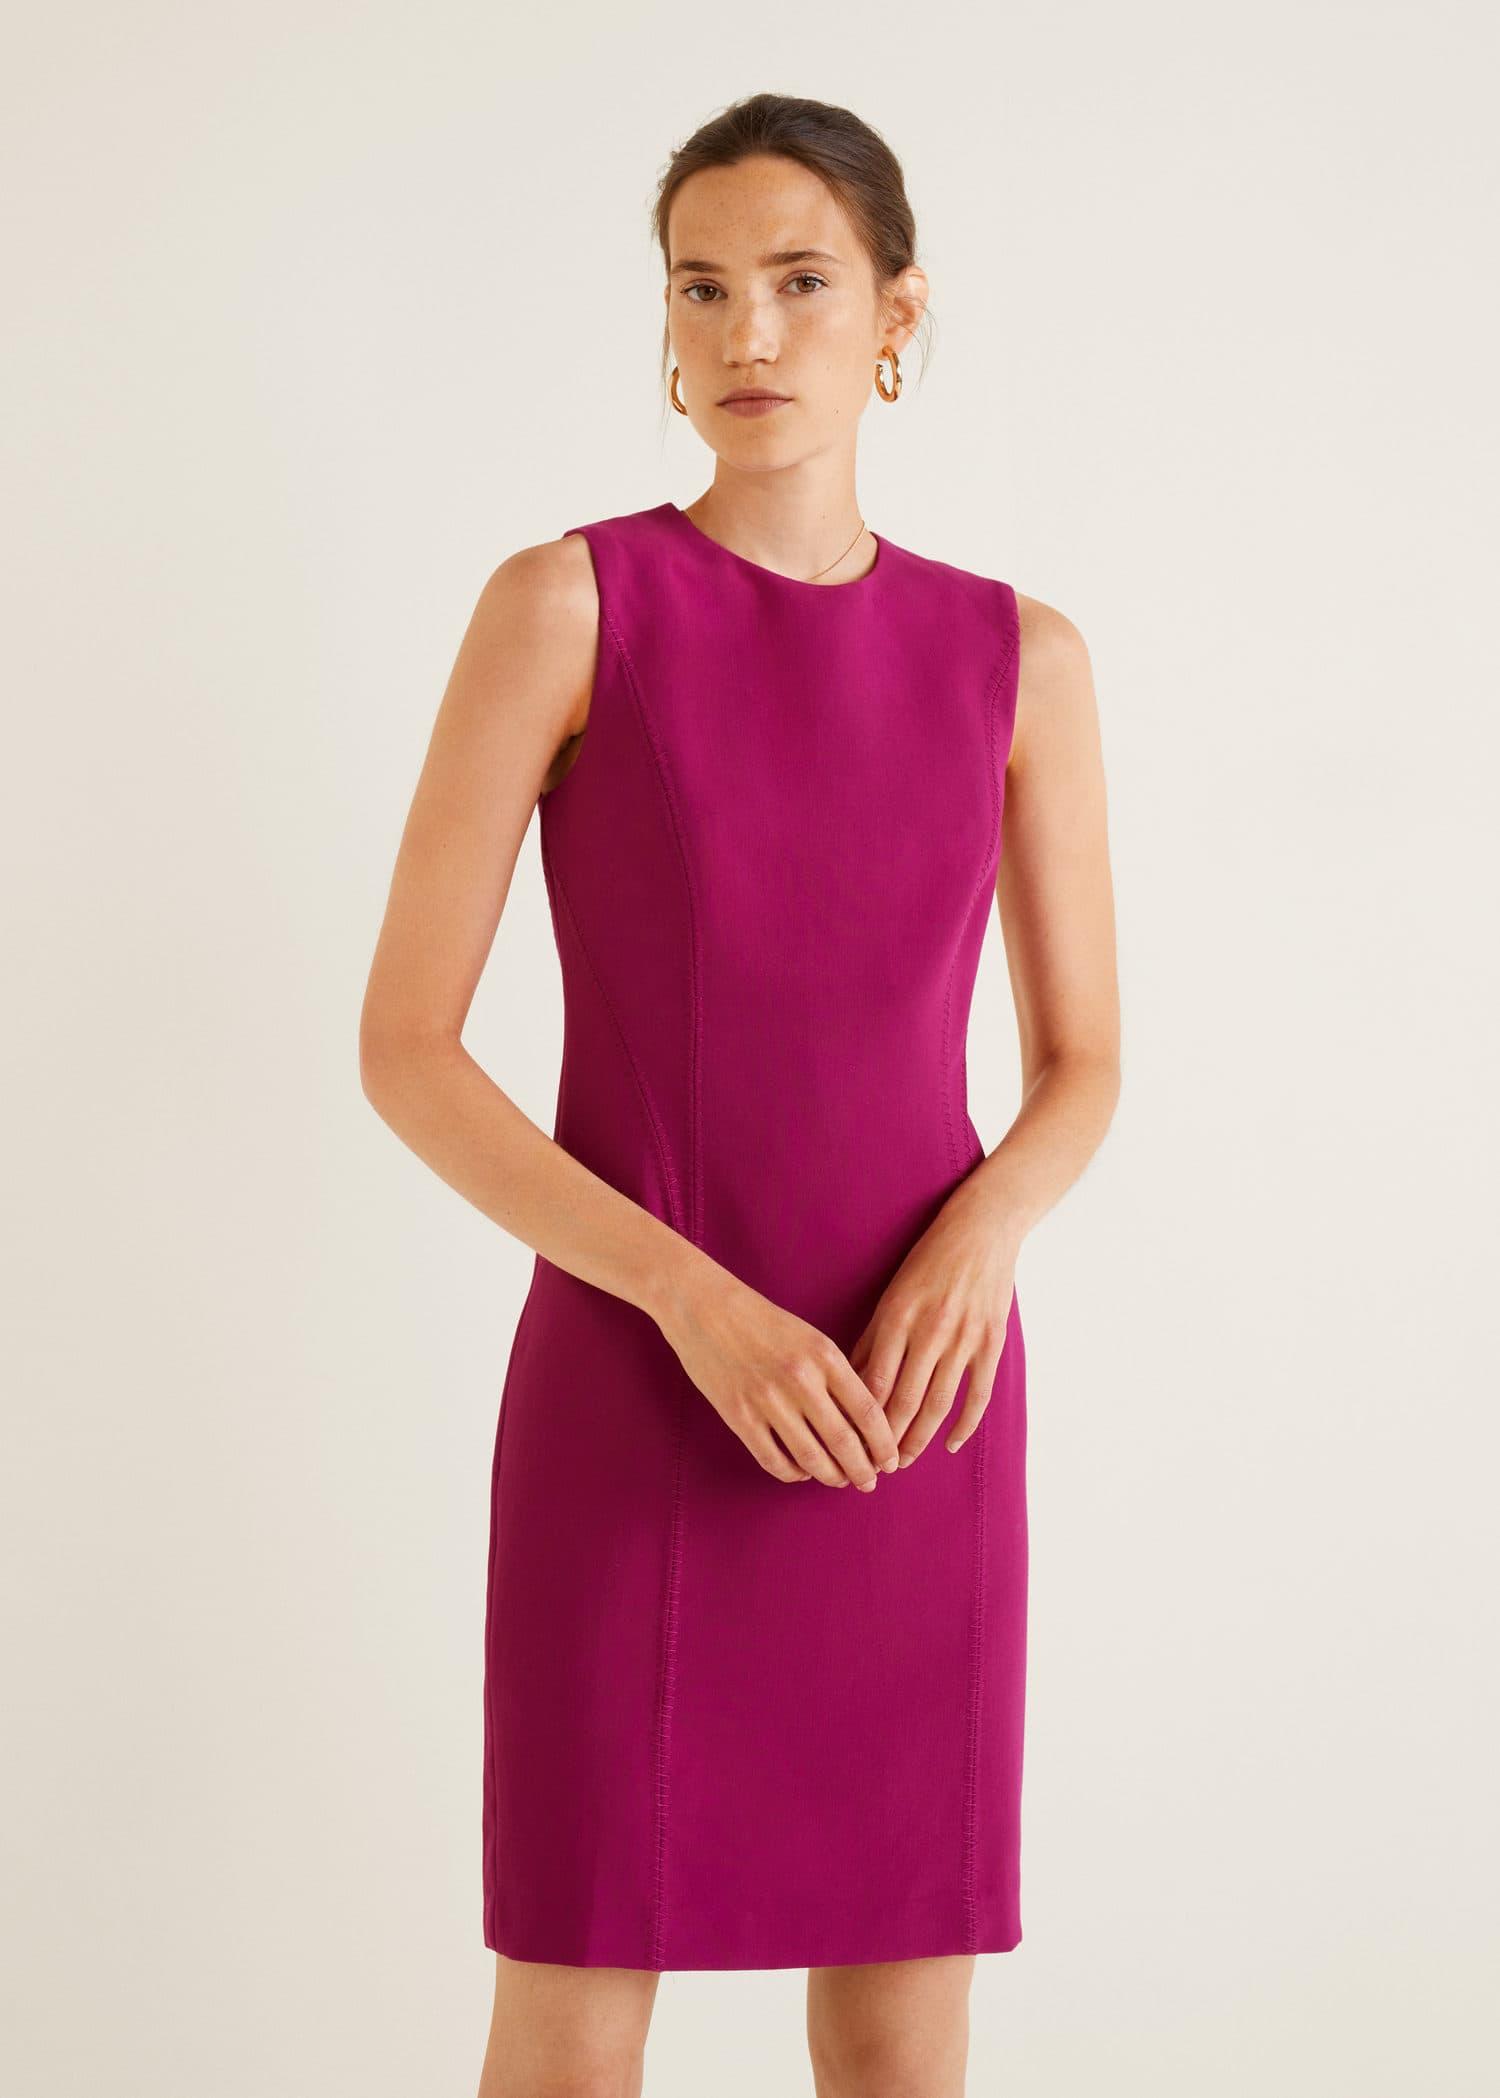 Silvester bestellen Stilvolle Abendkleider kleider 2018 online eQrdCBWox